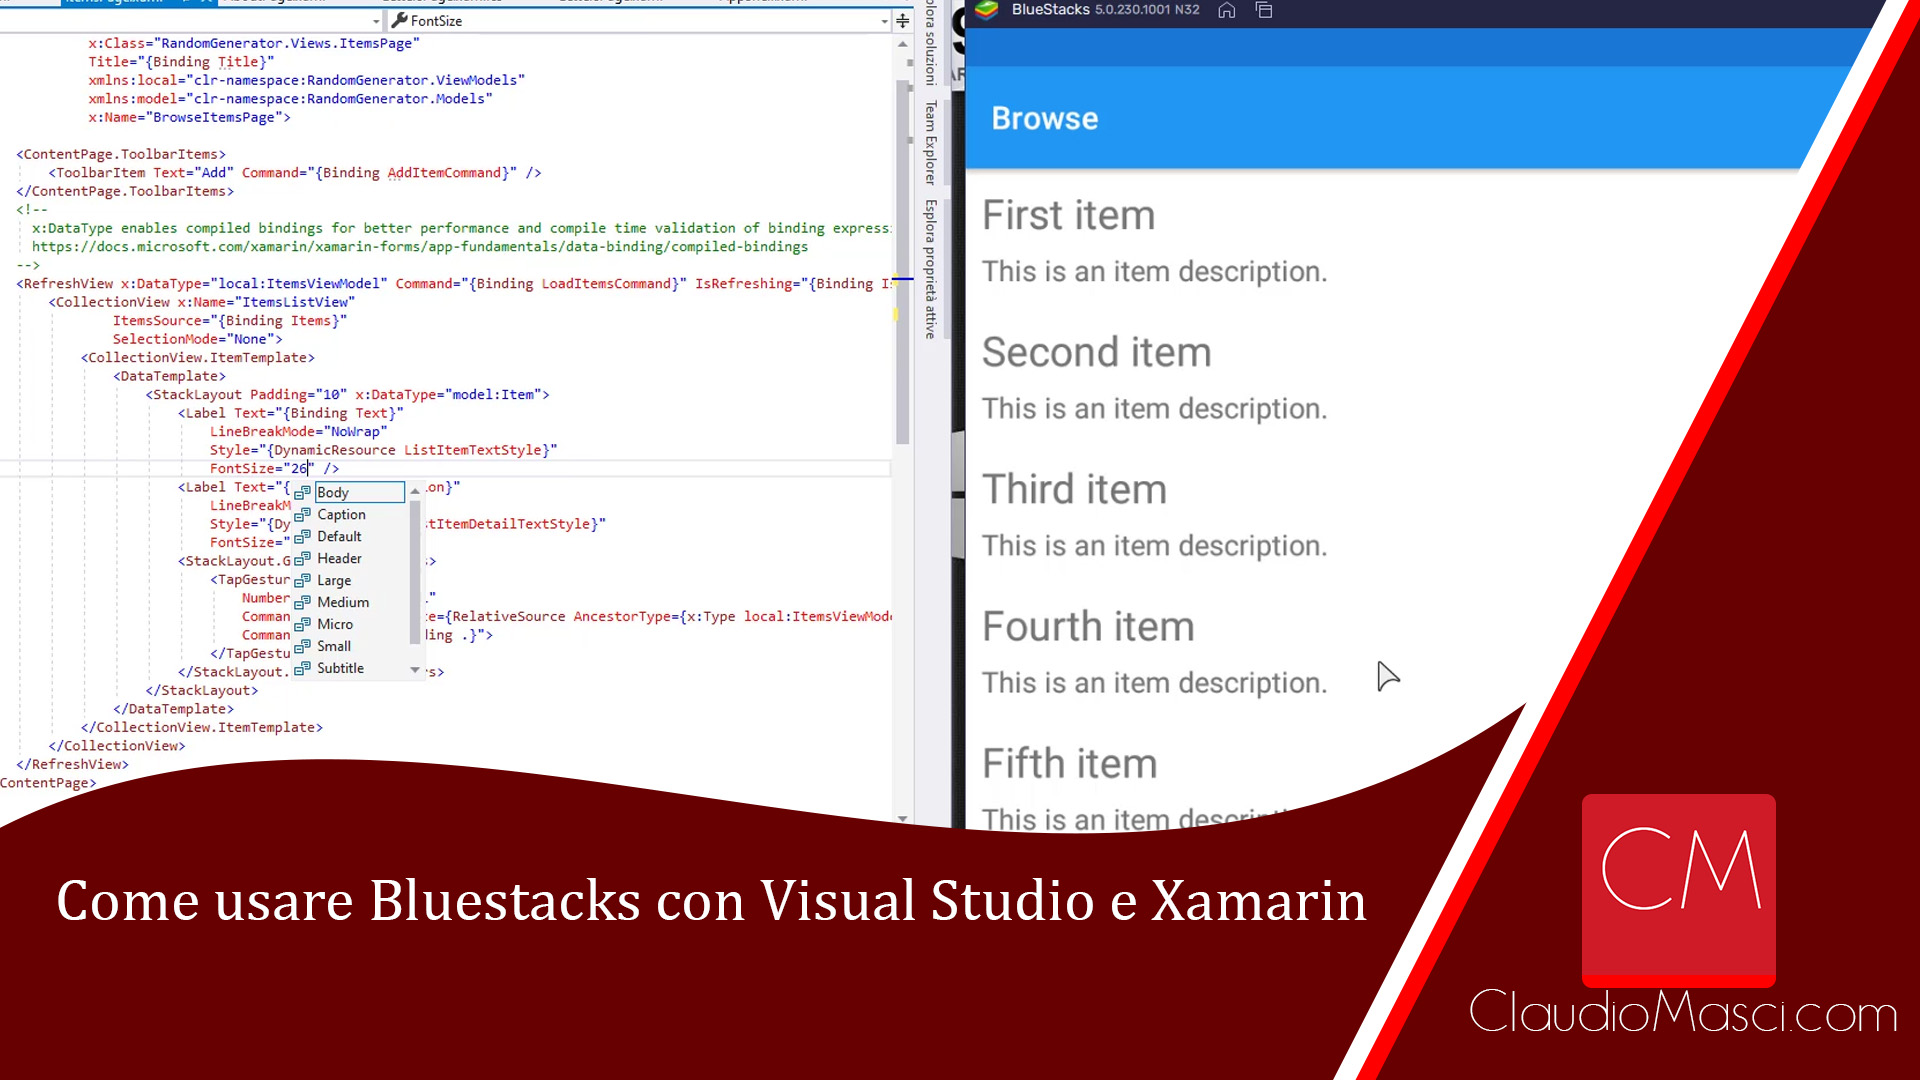 Come usare Bluestacks con Visual Studio e Xamarin